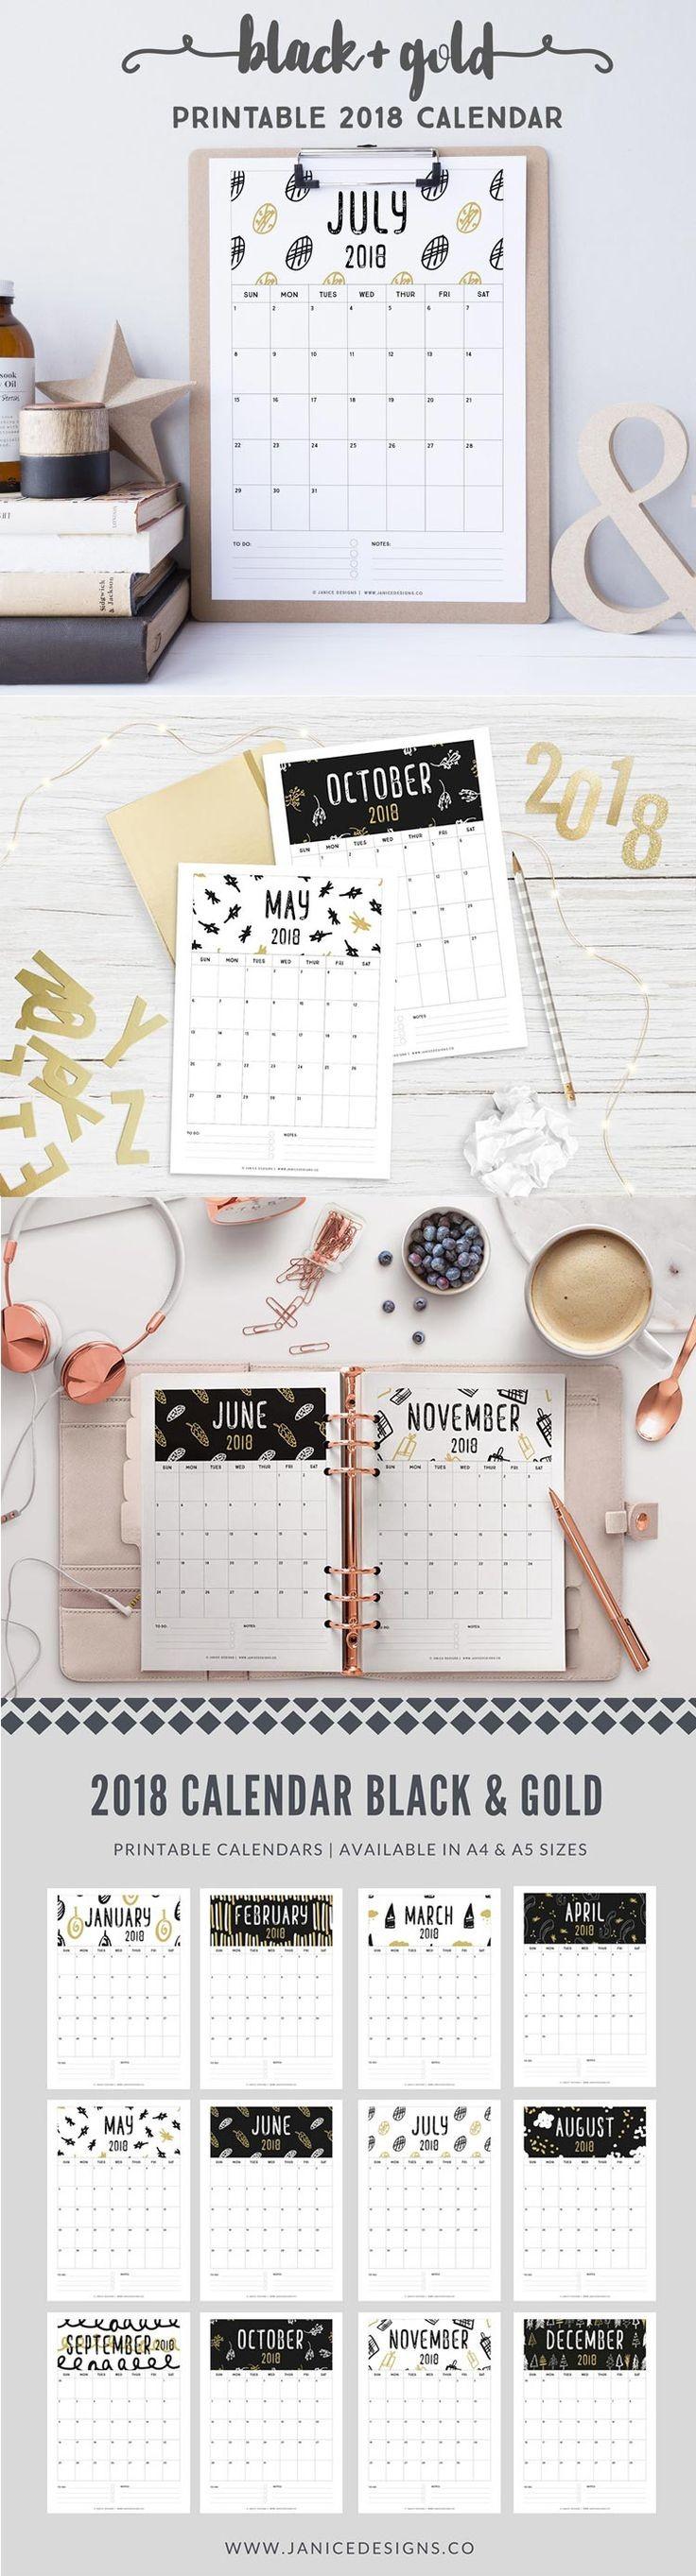 Calendario En Blanco Para Imprimir 2019 Actual 81 Best каРендари Images On Pinterest Of Calendario En Blanco Para Imprimir 2019 Actual Best Calendario Mes De Octubre Y Noviembre 2018 Image Collection